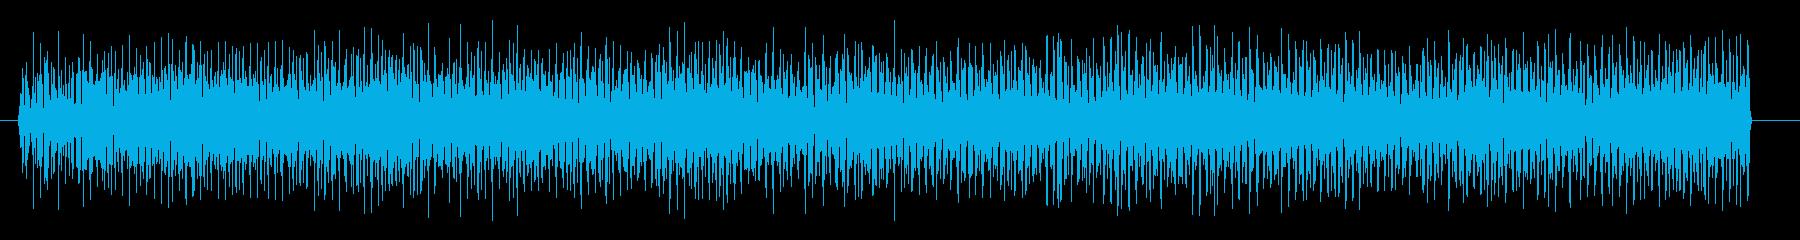 ビリビリビリ 感電する演出のときの音、…の再生済みの波形